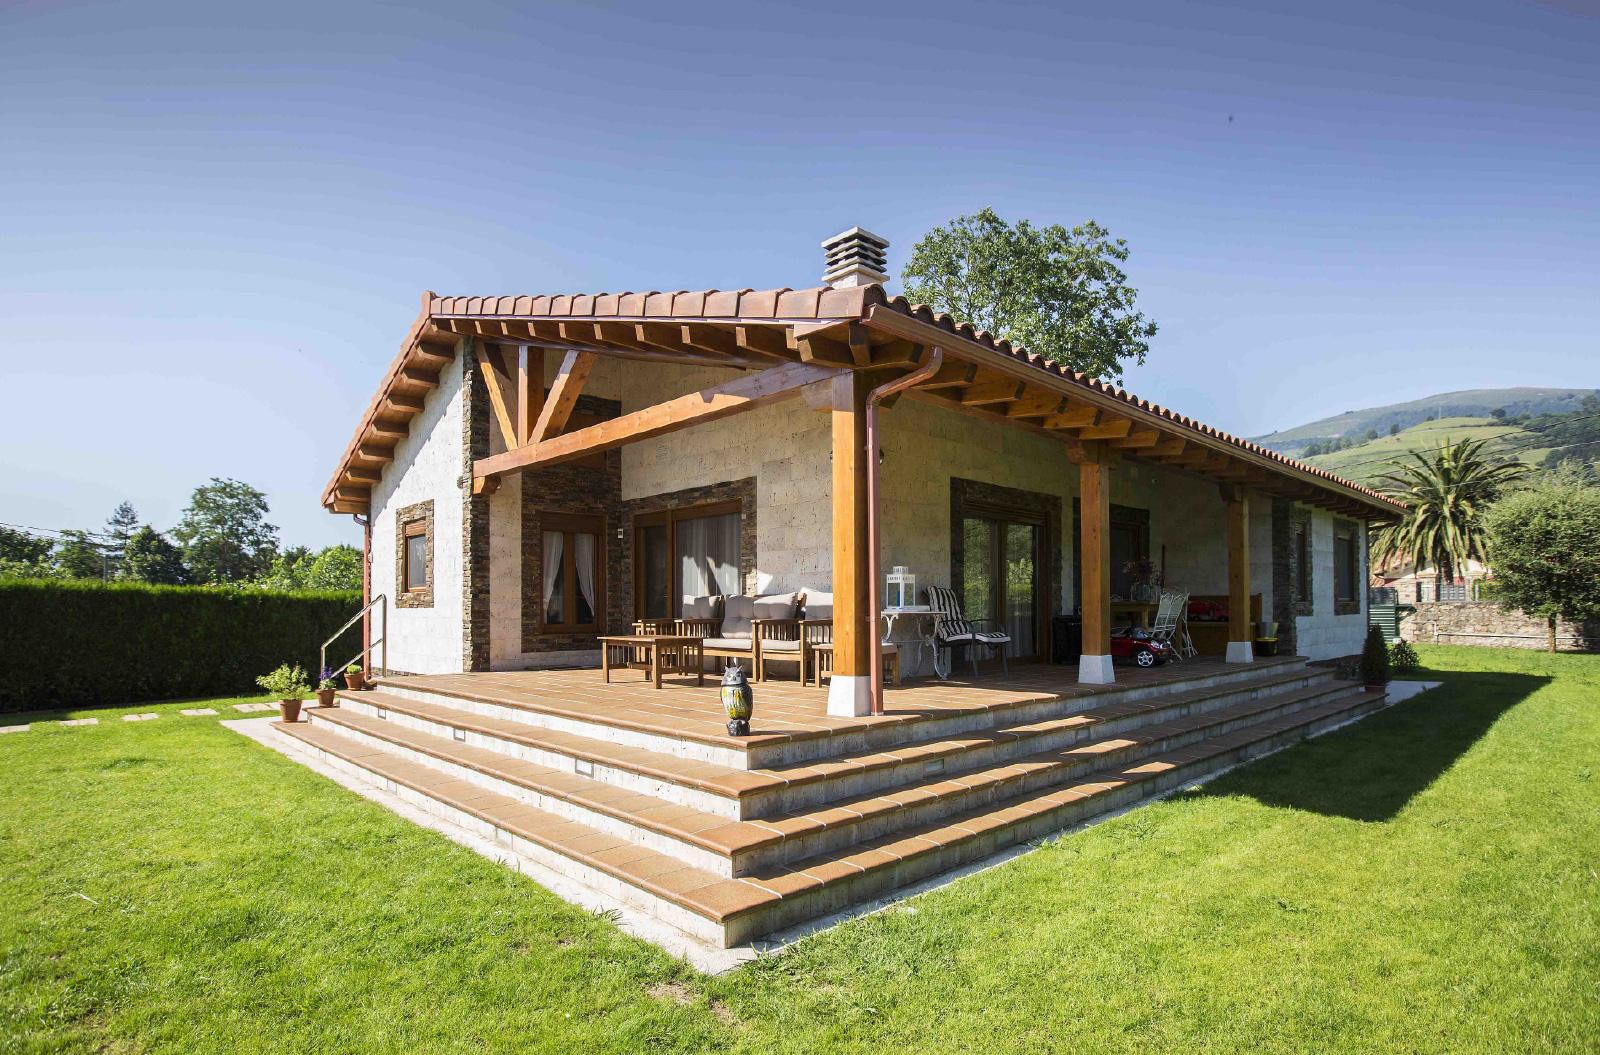 Inmobiliaria y construcci n la raz n comunicaci n empresarial - Casas prefabricadas eurocasa ...